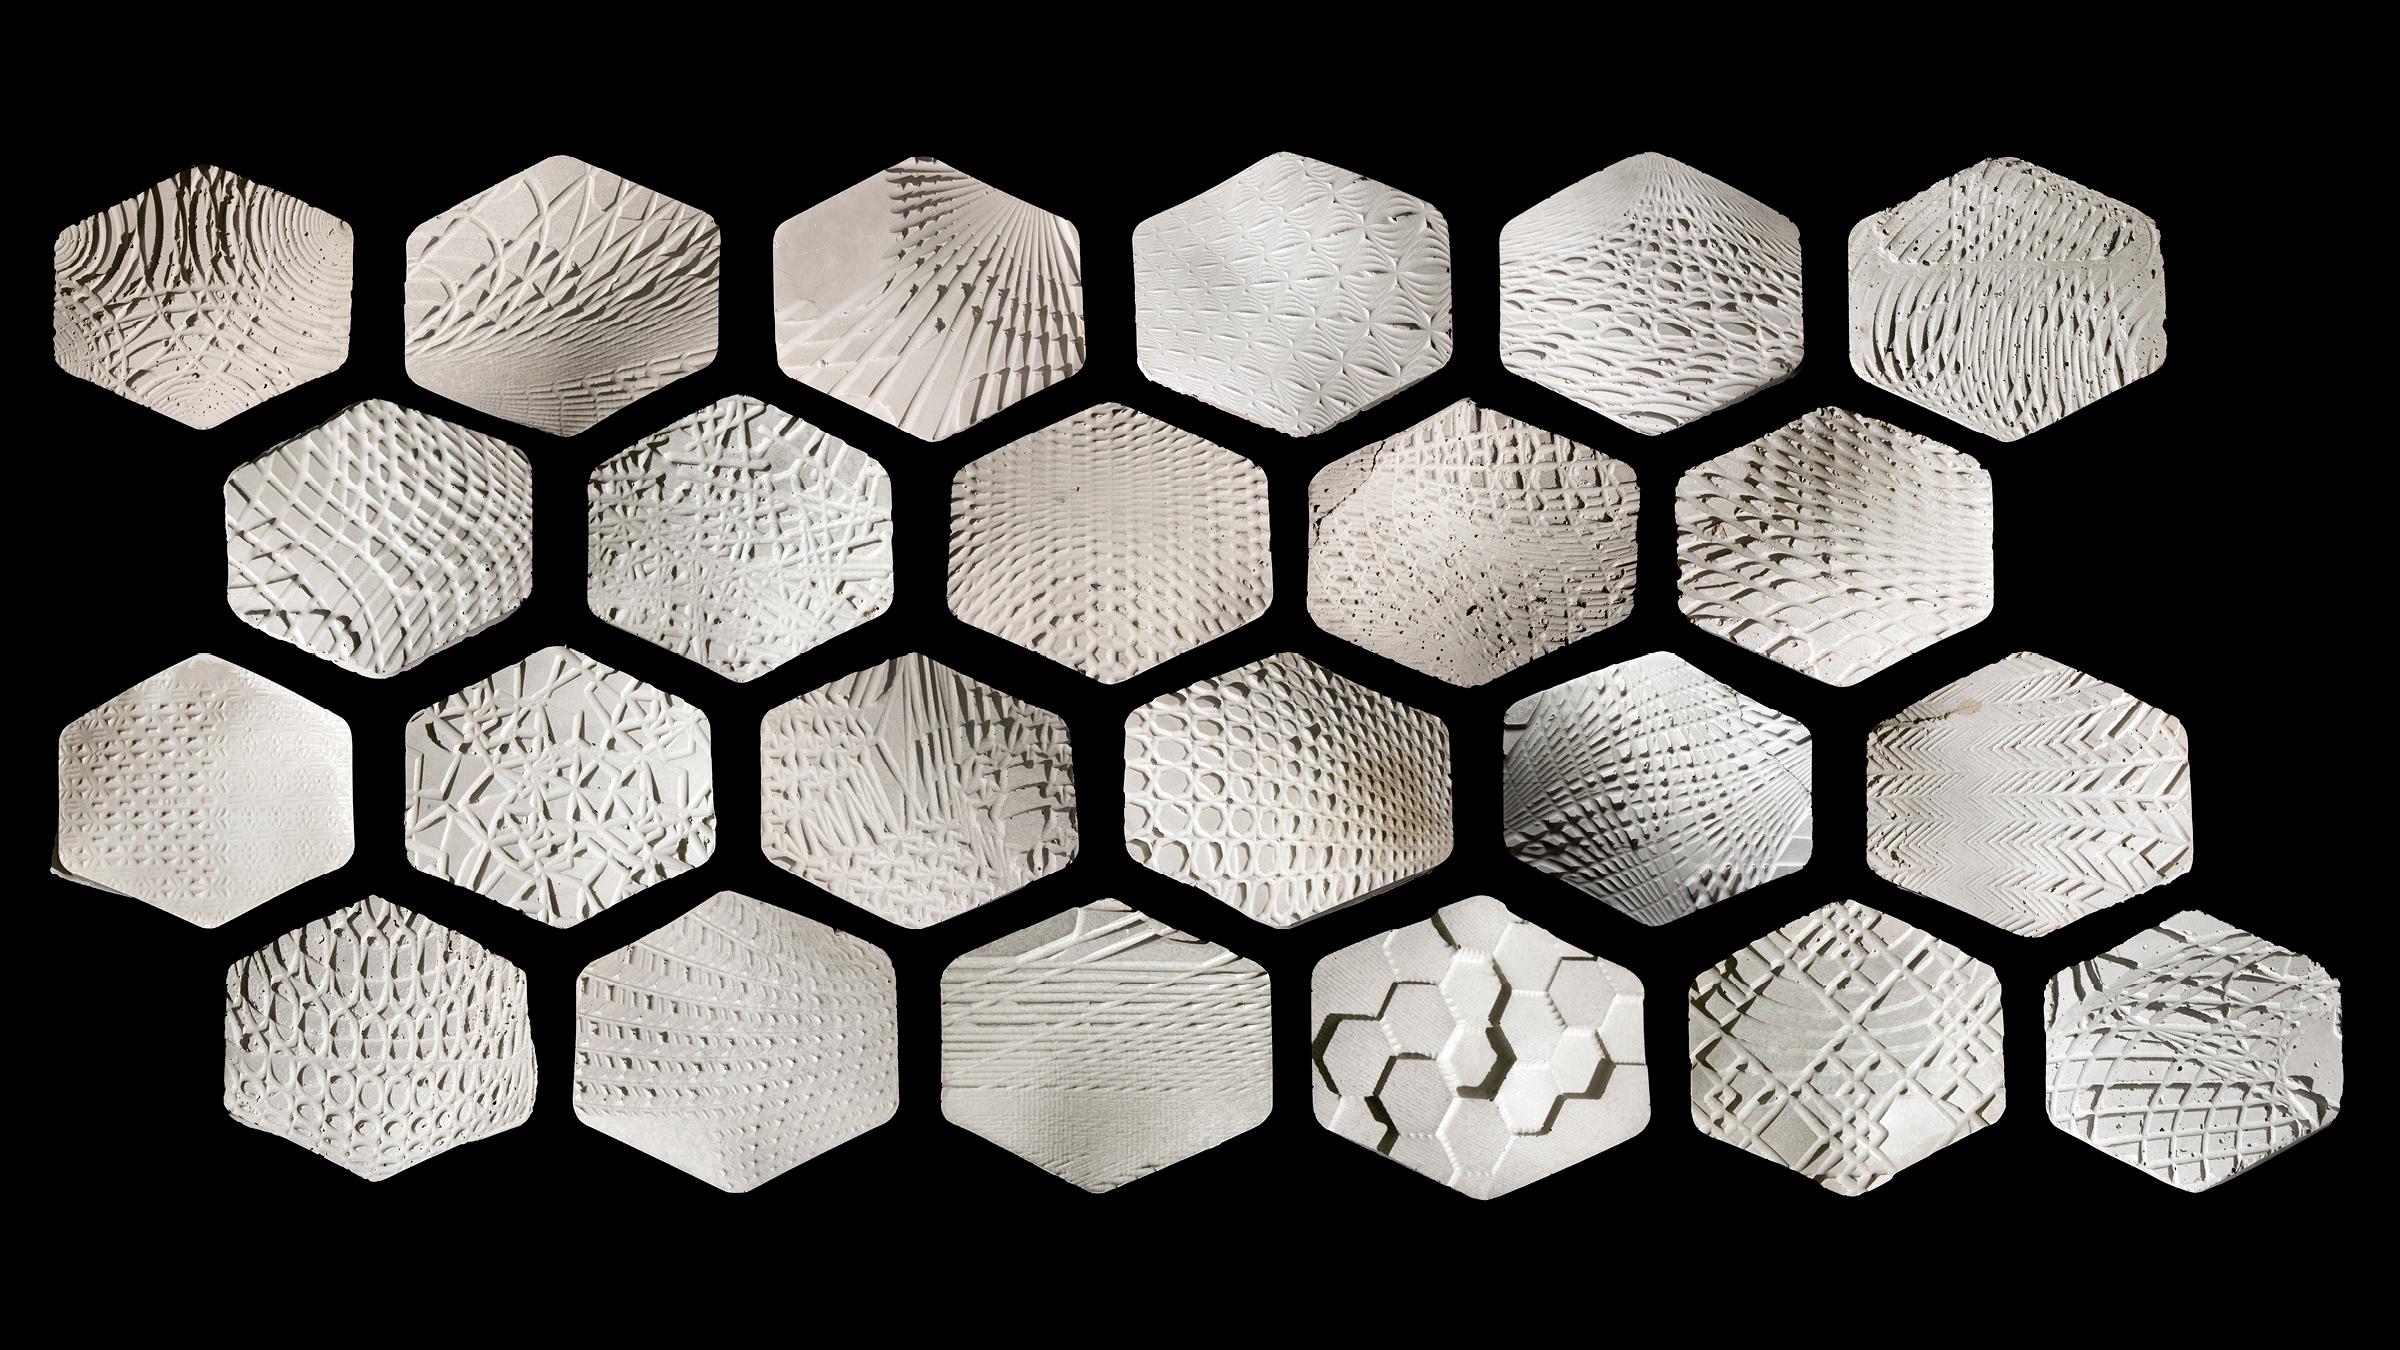 subtractive topogaphies images14.jpg